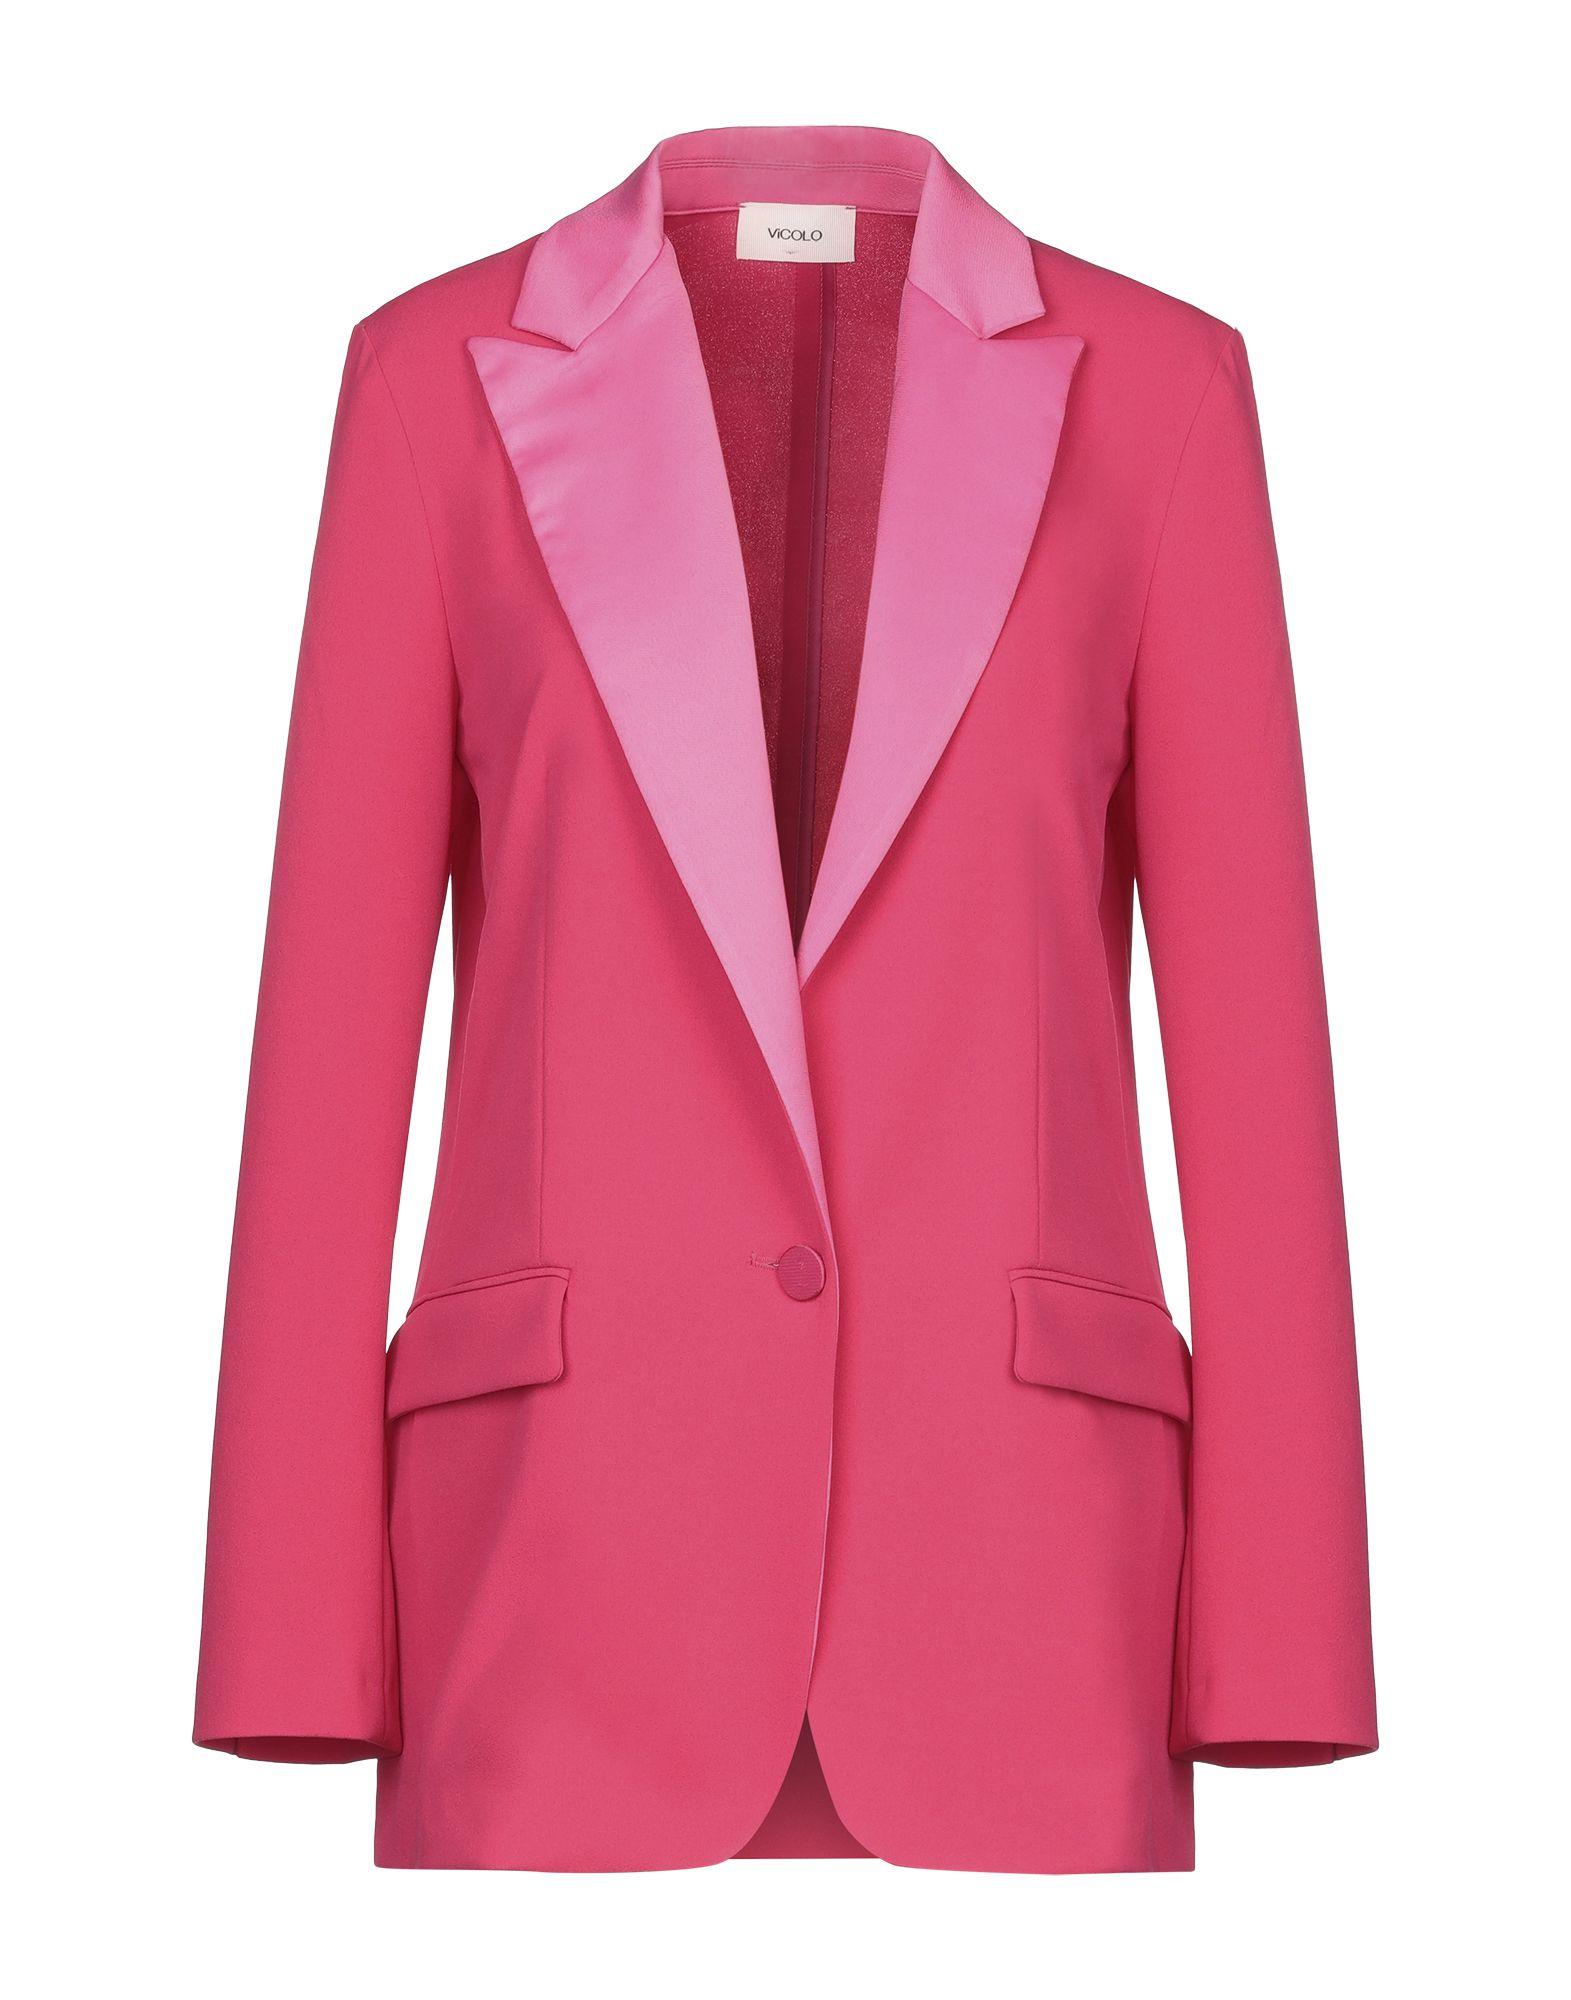 VICOLO Suit jackets - Item 49514141